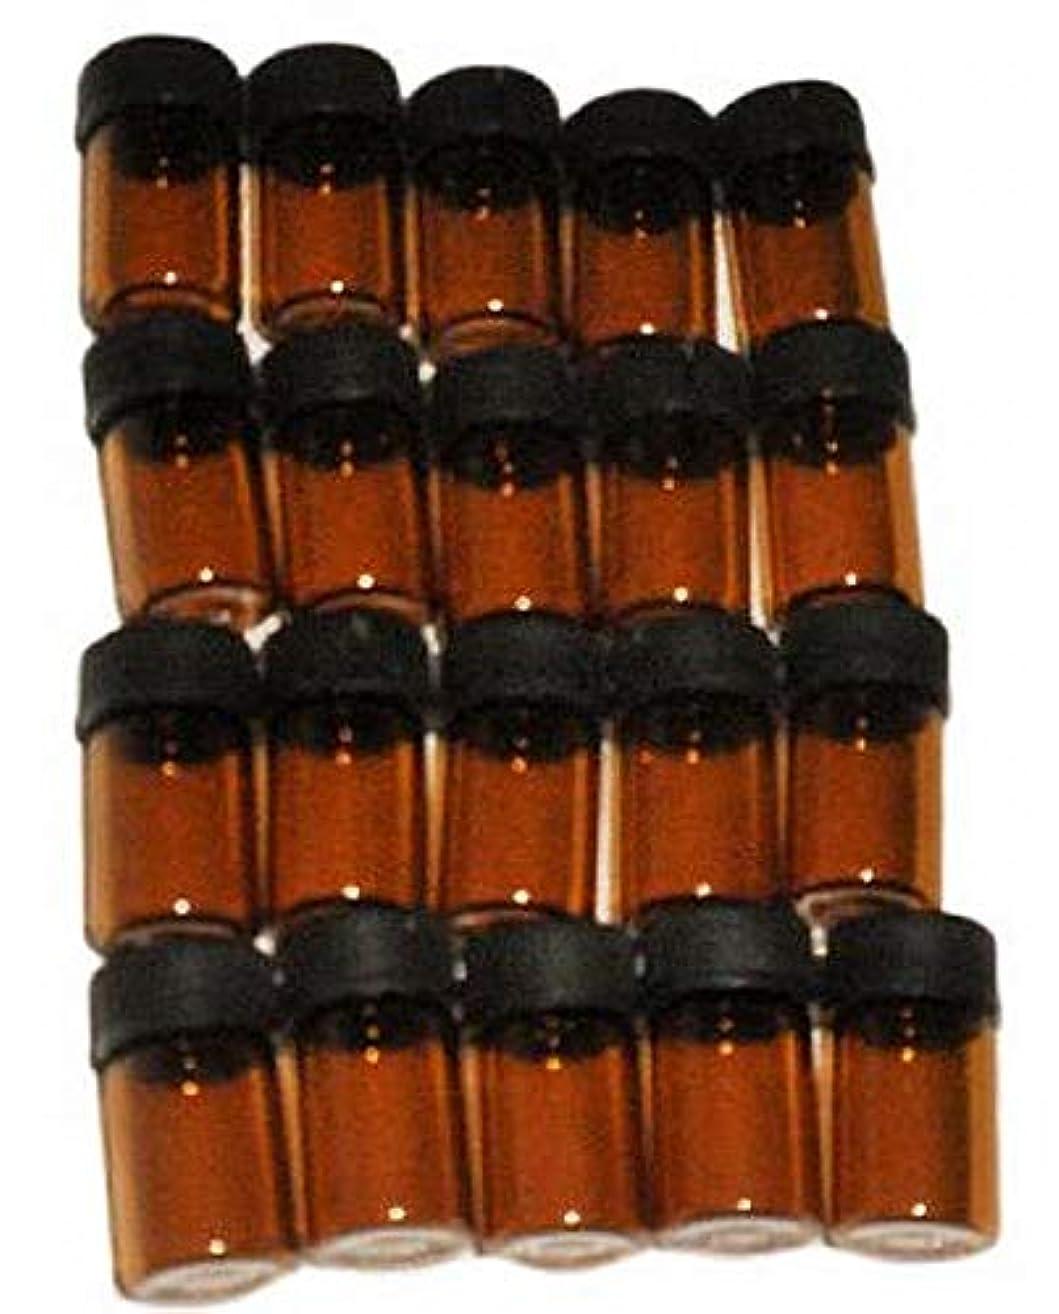 私達エリート数値【好縁店舗】 遮光瓶 アロマ 2ml 20本セット 保存容器 日を通さない瓶